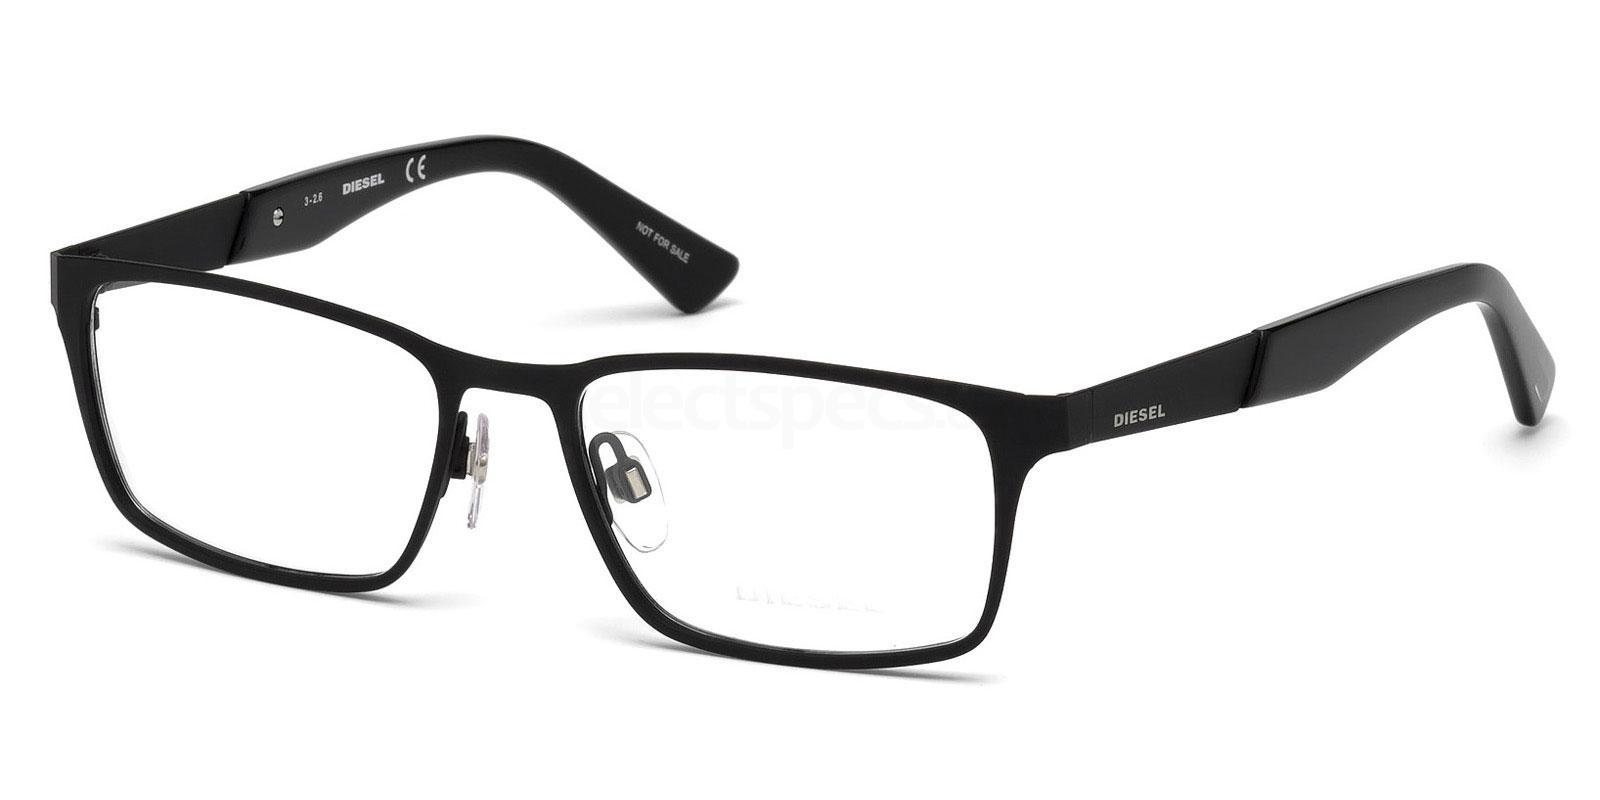 002 DL5234 Glasses, Diesel